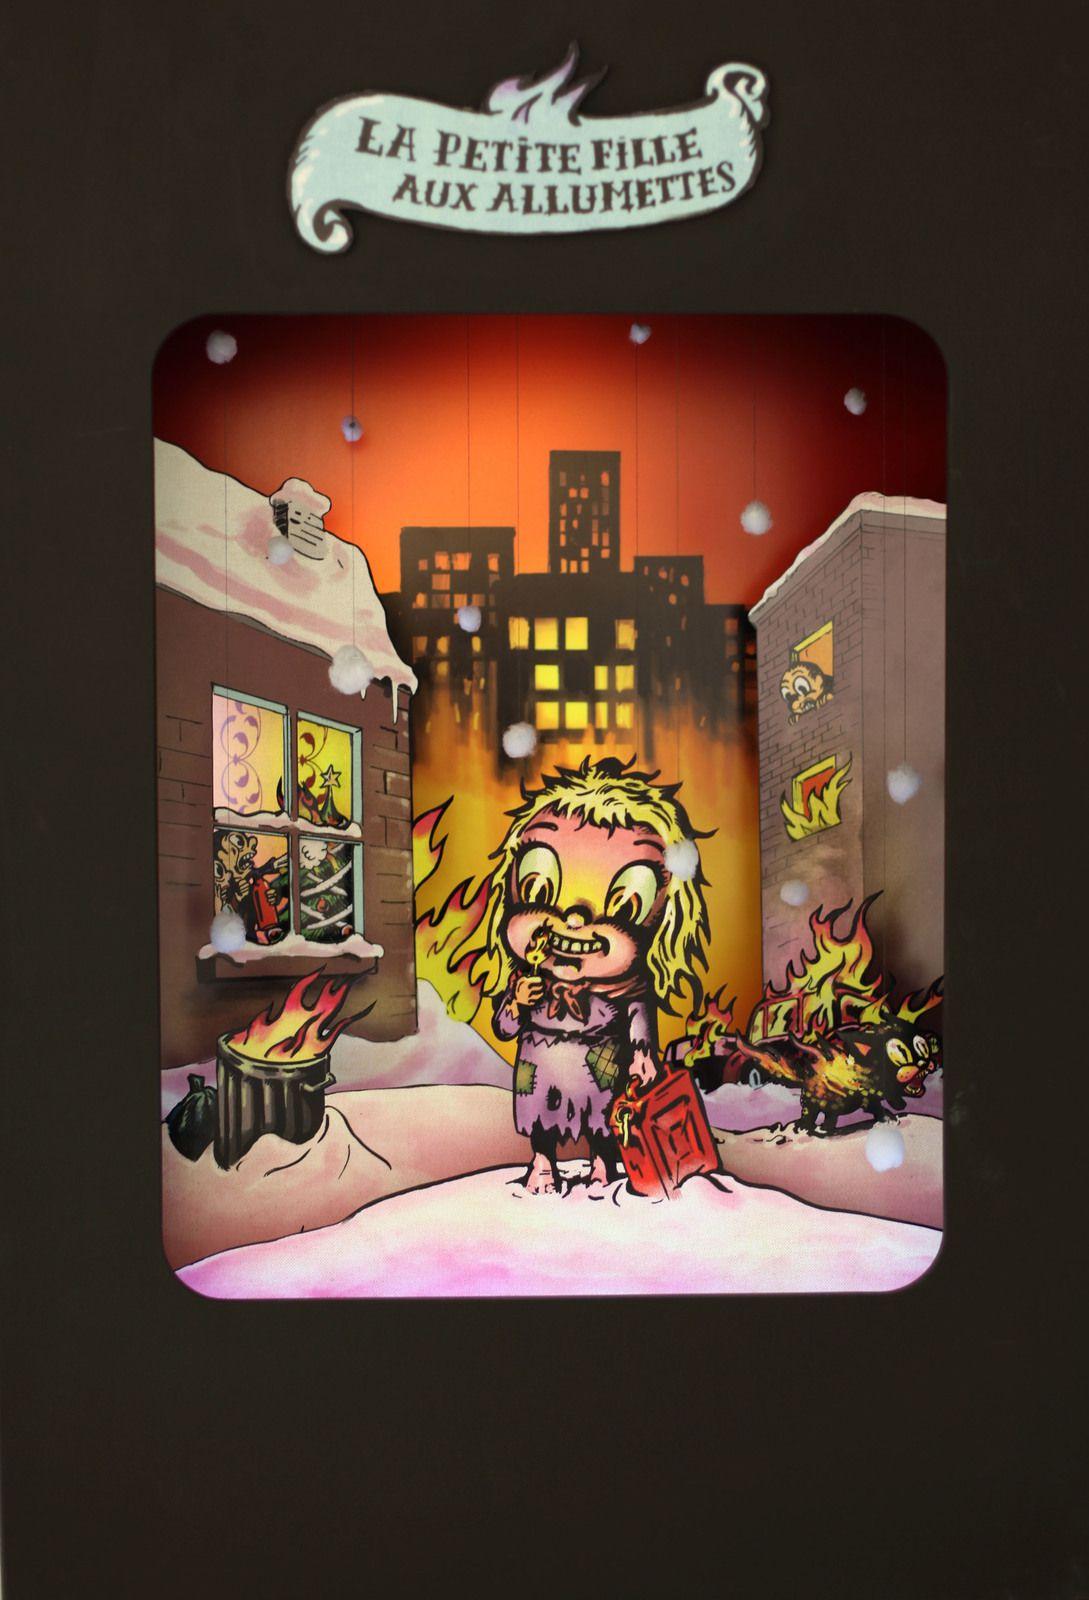 """""""La petite fille aux allumettes"""", 2013 de WINSHLUSS - Courtesy de l'artiste et la Galerie Georges-Philippe et Nathalie Vallois © Photo Éric Simon"""